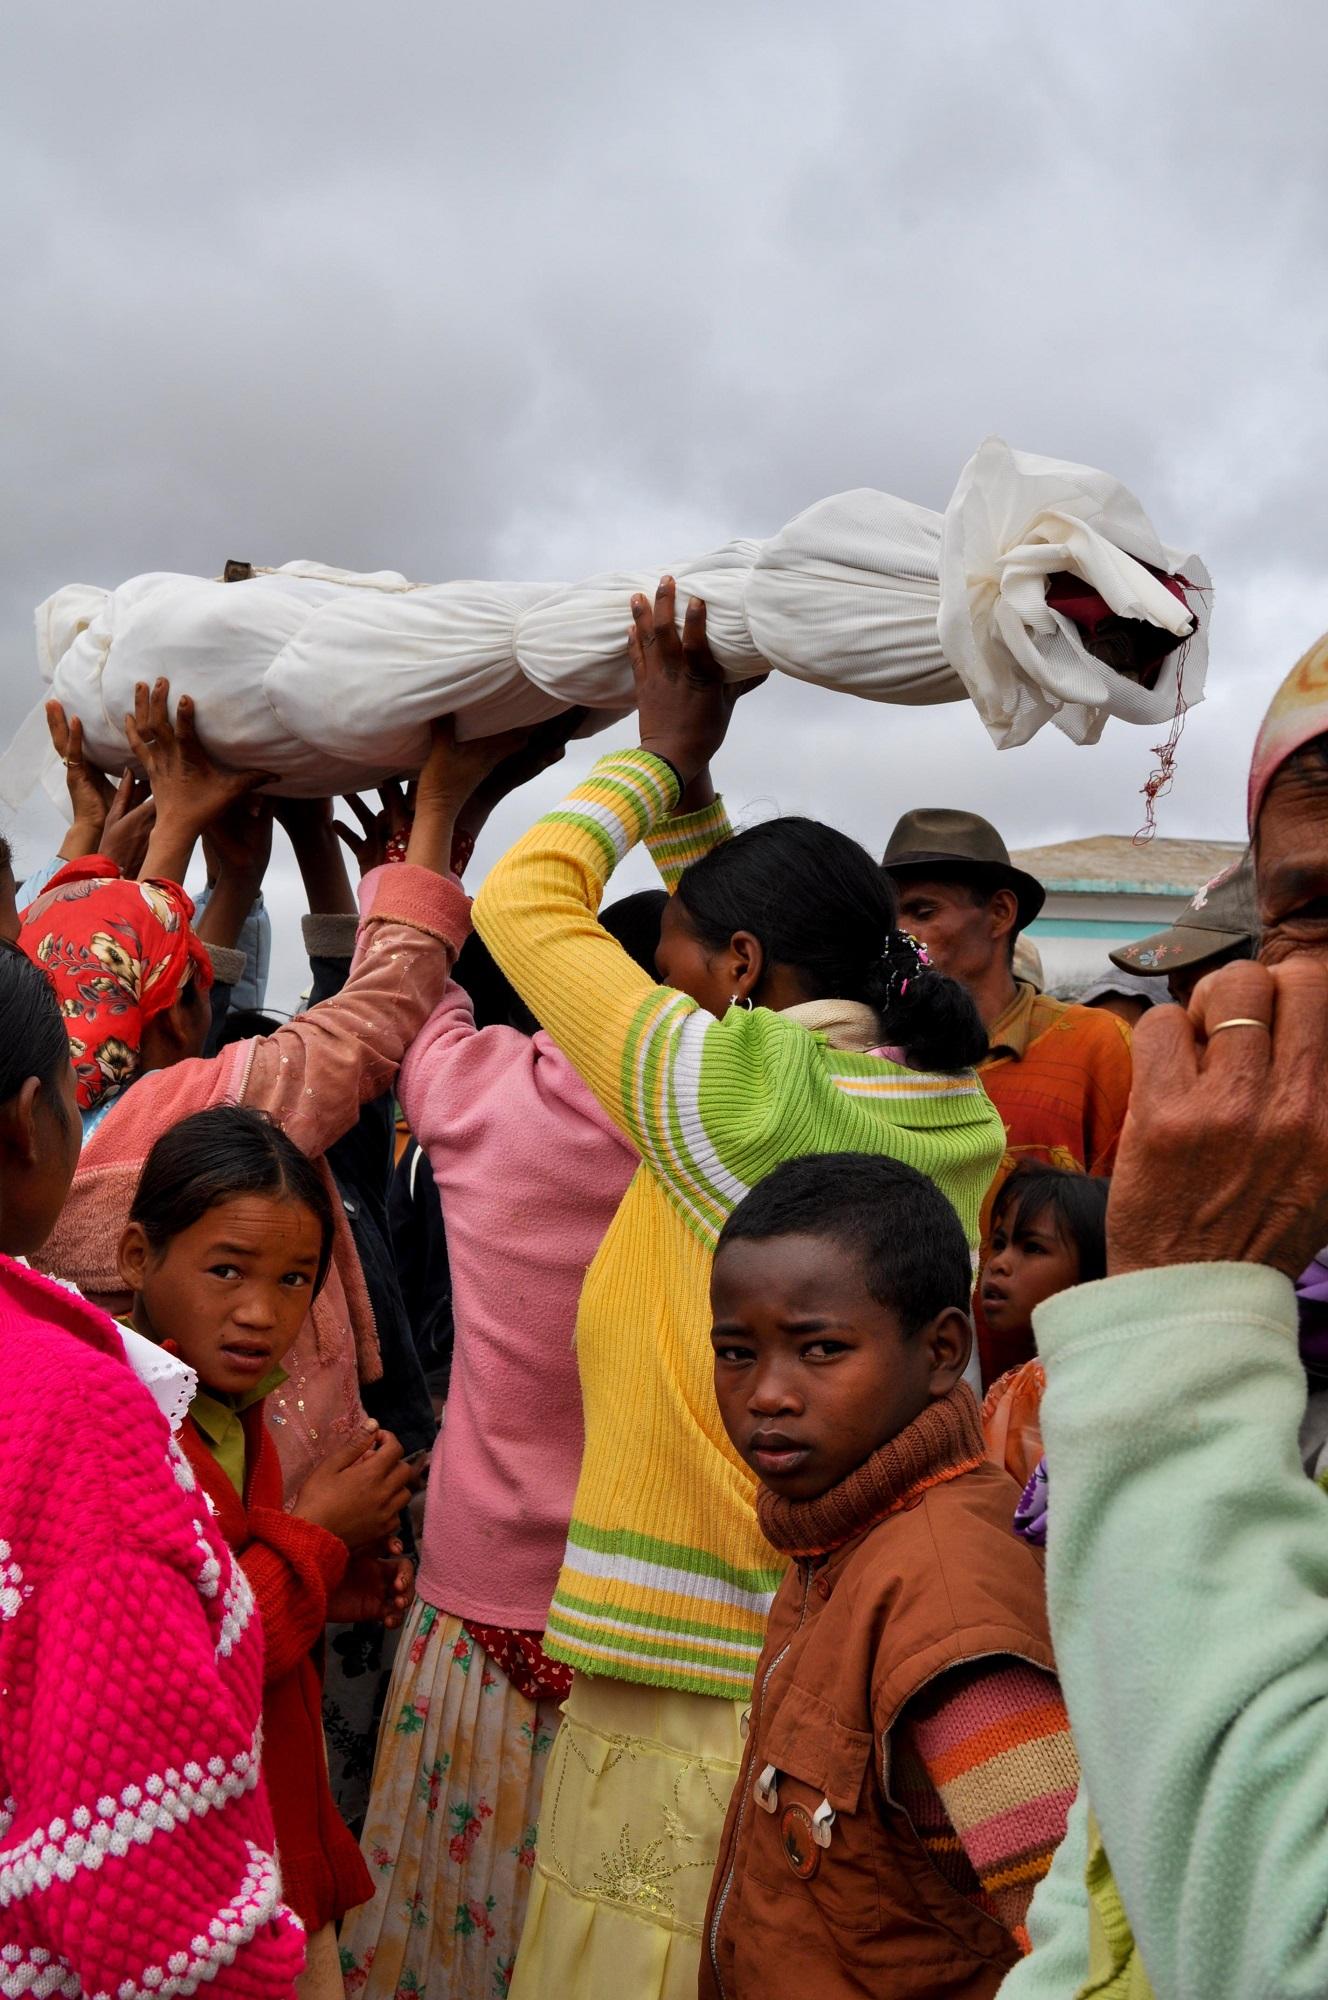 Madagaskarilla kuolleen noutaminen haudasta ei ole hautarauhan rikkomista vaan suuri kunnioituksen osoitus. Kuva: Flickr/S@veOurSm:)e